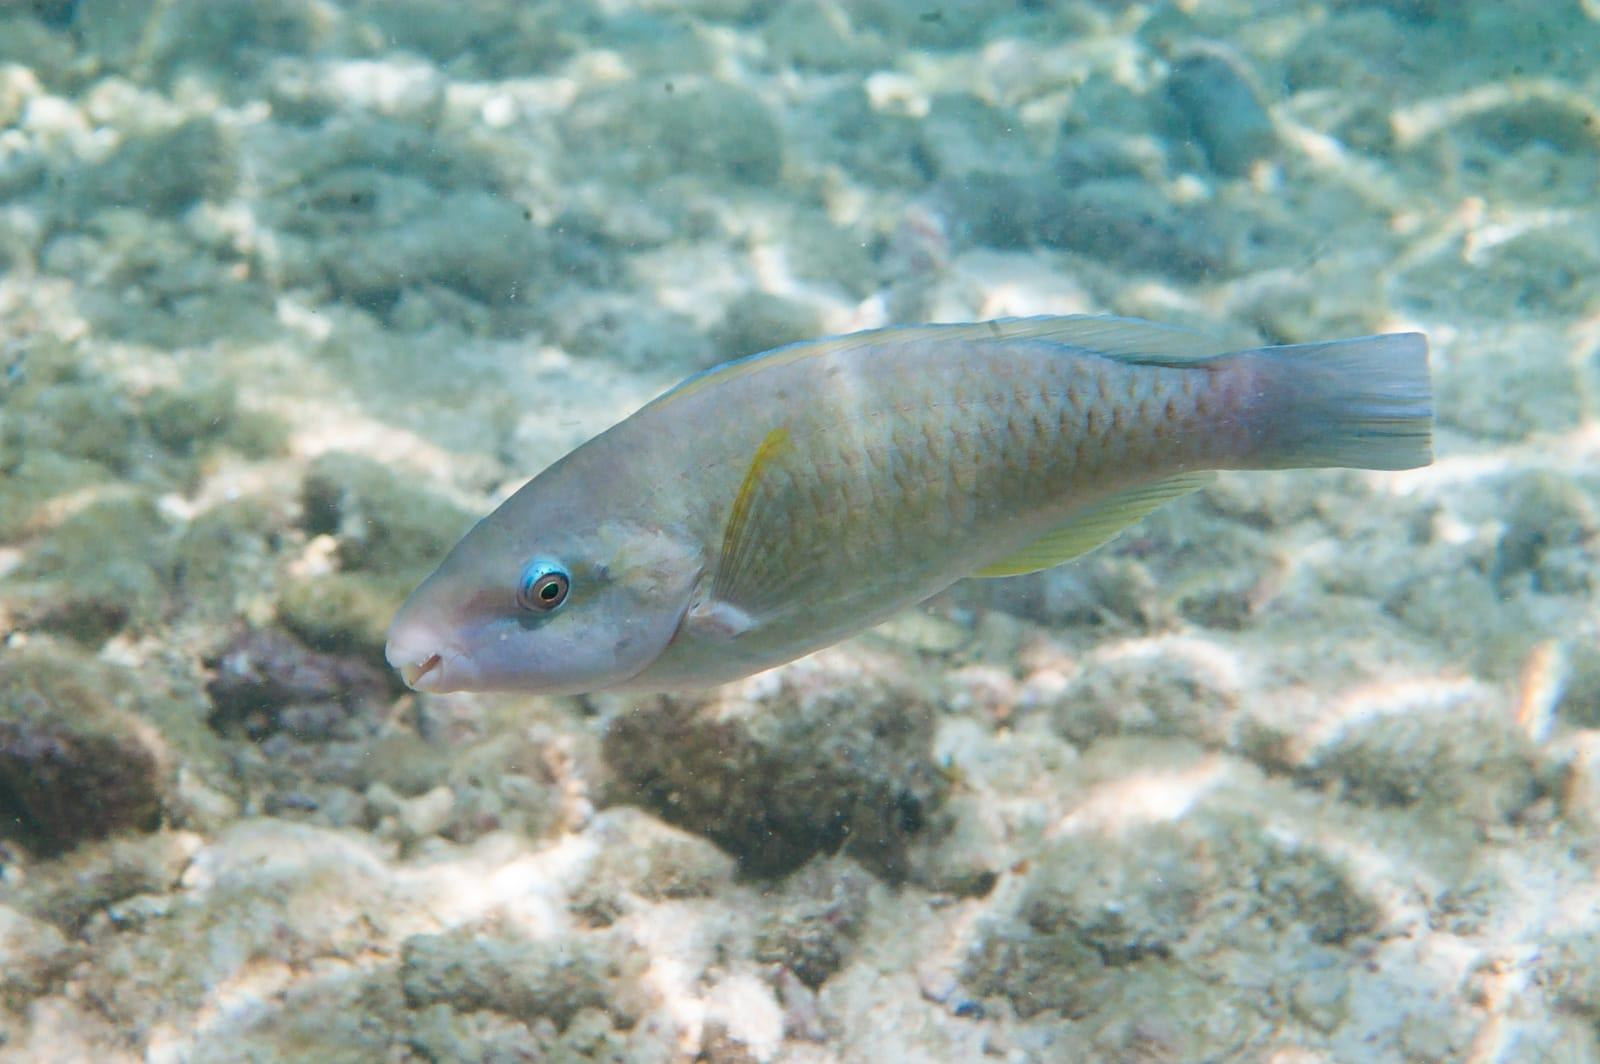 Albino princess parrotfish (Scarus taeniopterus) in Curaçao